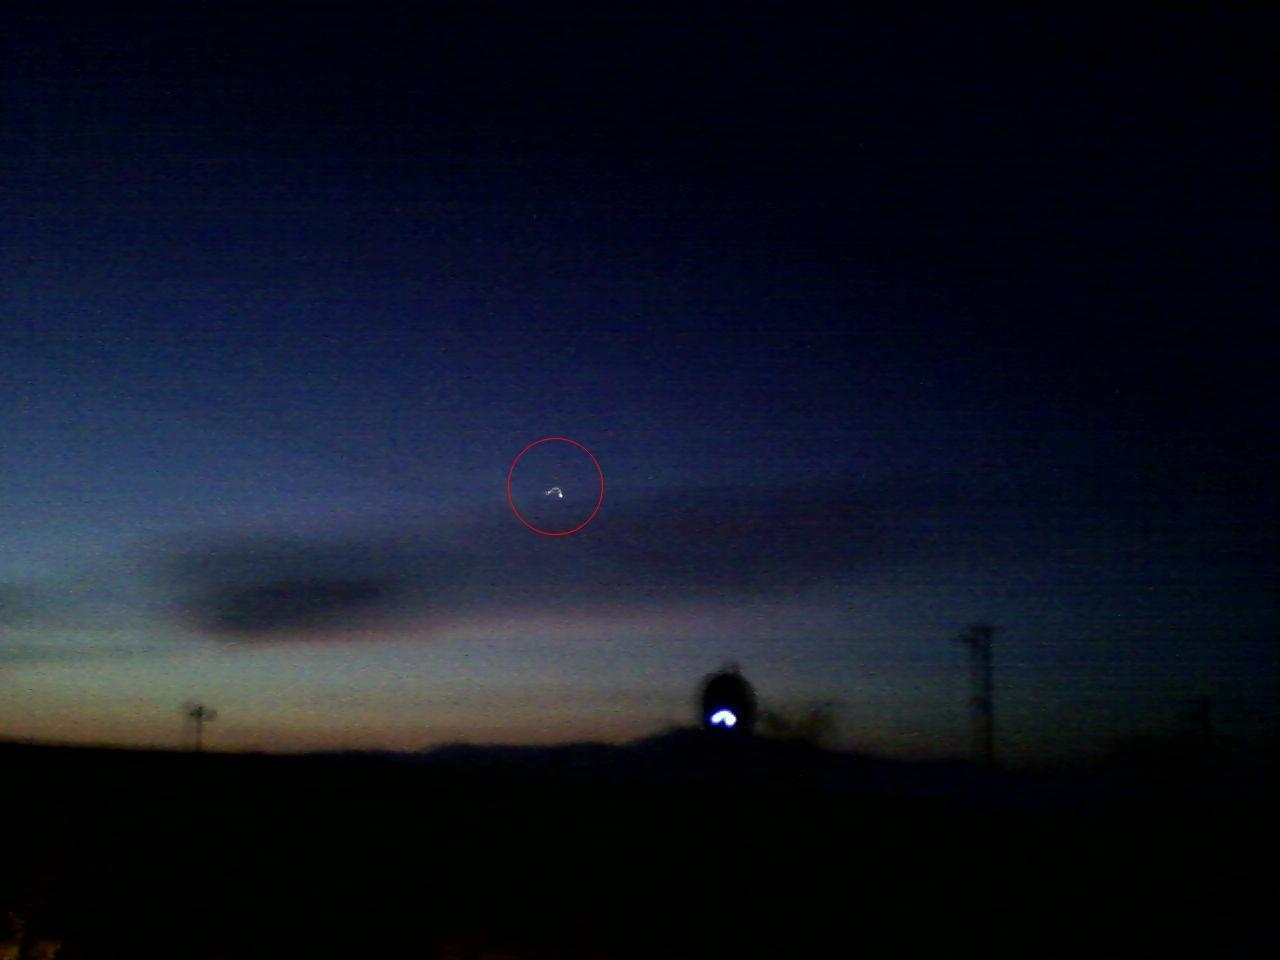 Obiect zburator neidentificat deasupra Codlei